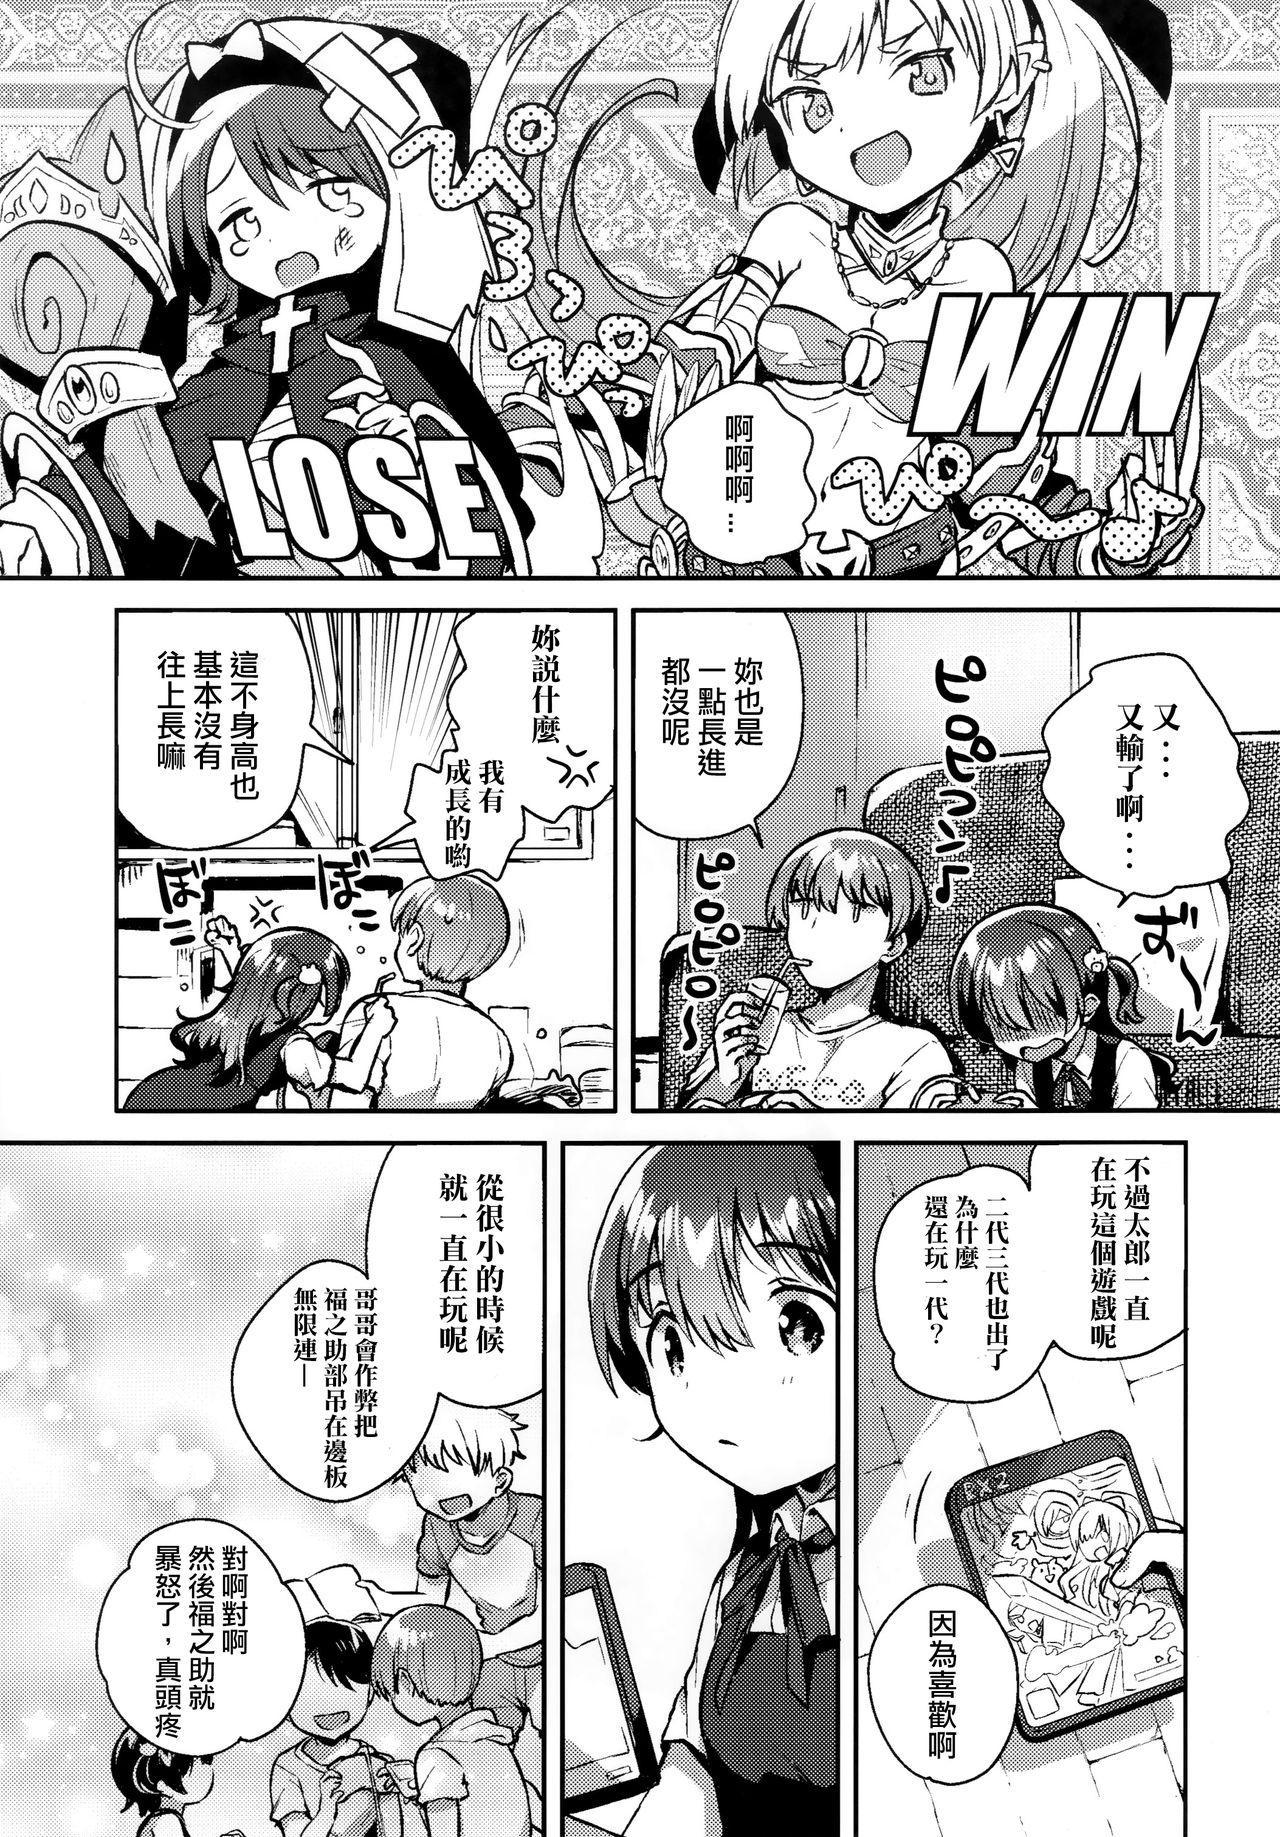 Kimi wa Otona ni Naranai | 你无法成为大人 5